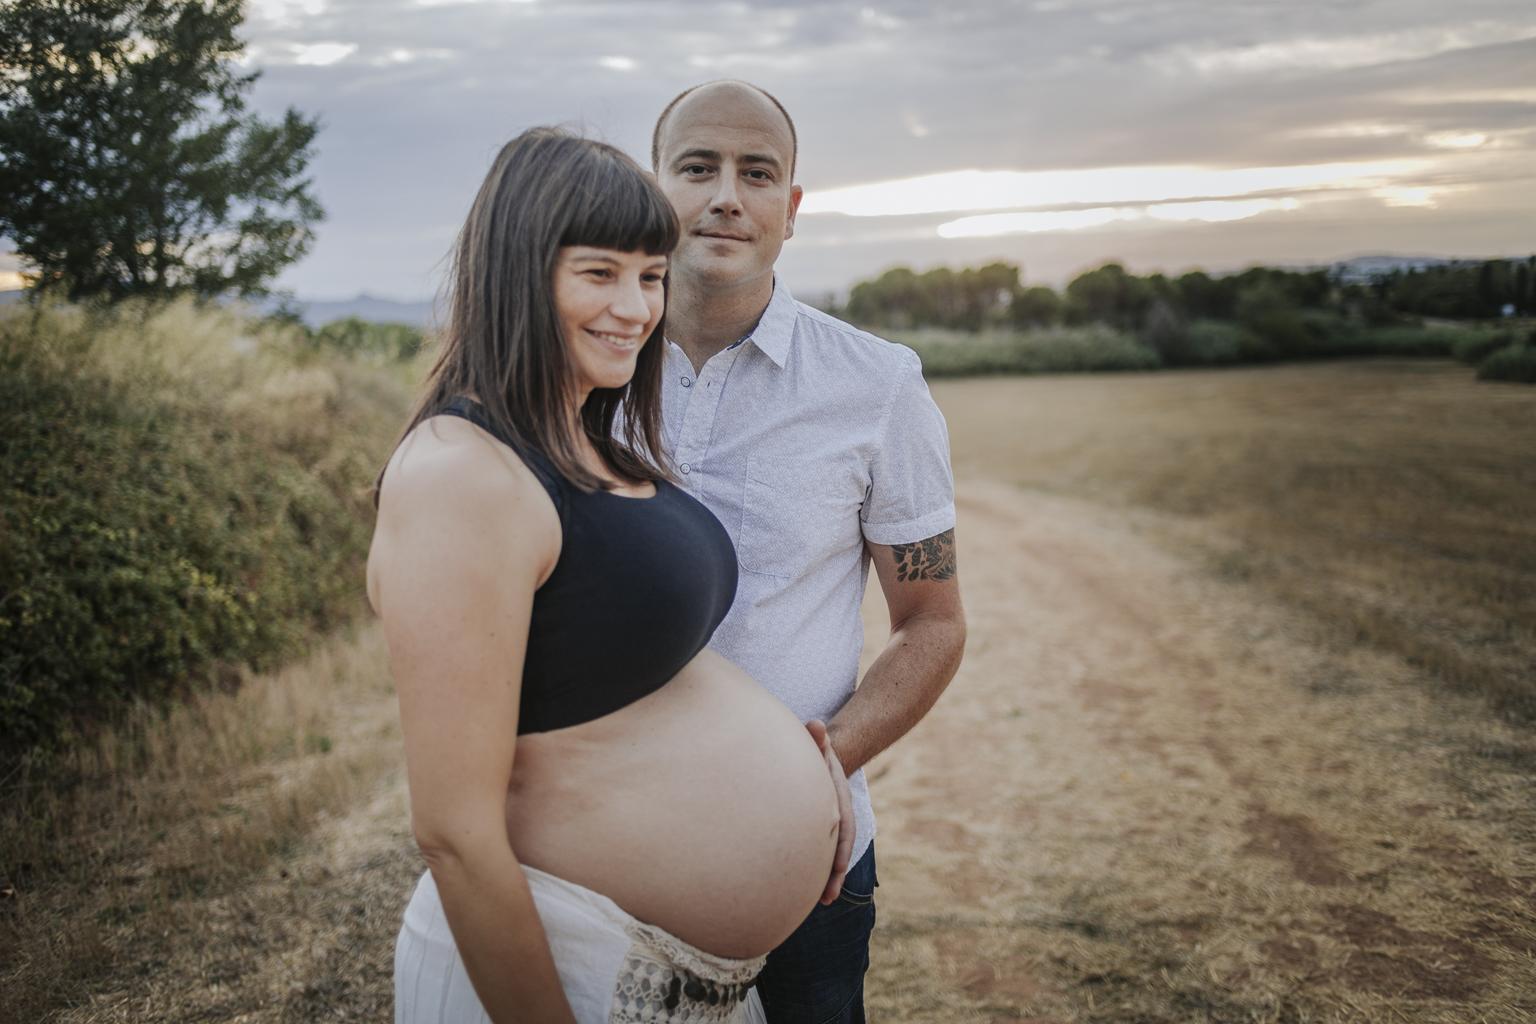 fotógrafo embarazo Sant Cugat :: turó de can mates :: fotografía de familia :: fotógrafo de familia Barcelona :: Fotógrafo de embazada natural